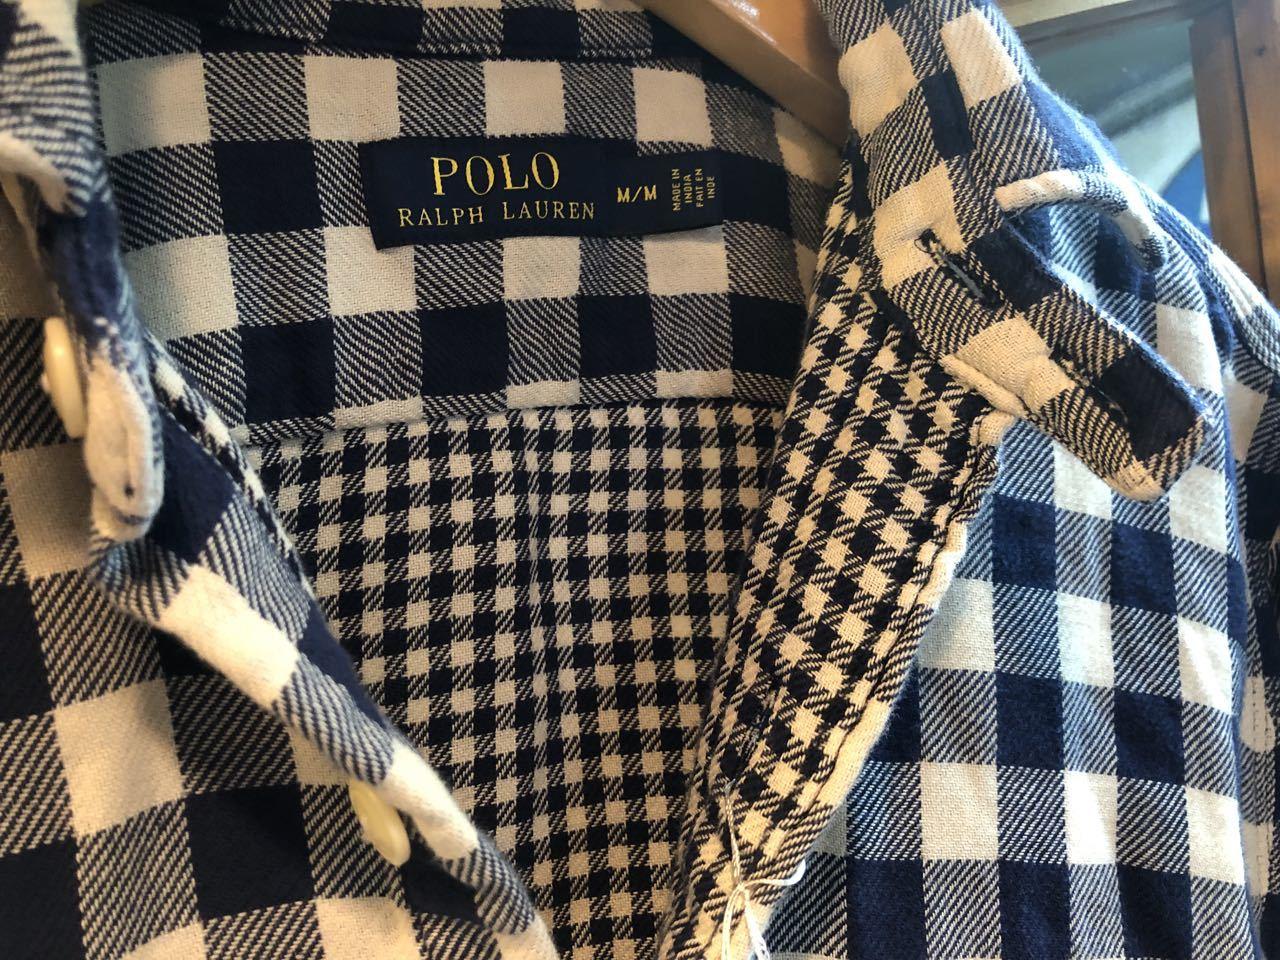 10/6(日)入荷!POLO RALPH LAUREN チンスト シャツ!_c0144020_14024260.jpg